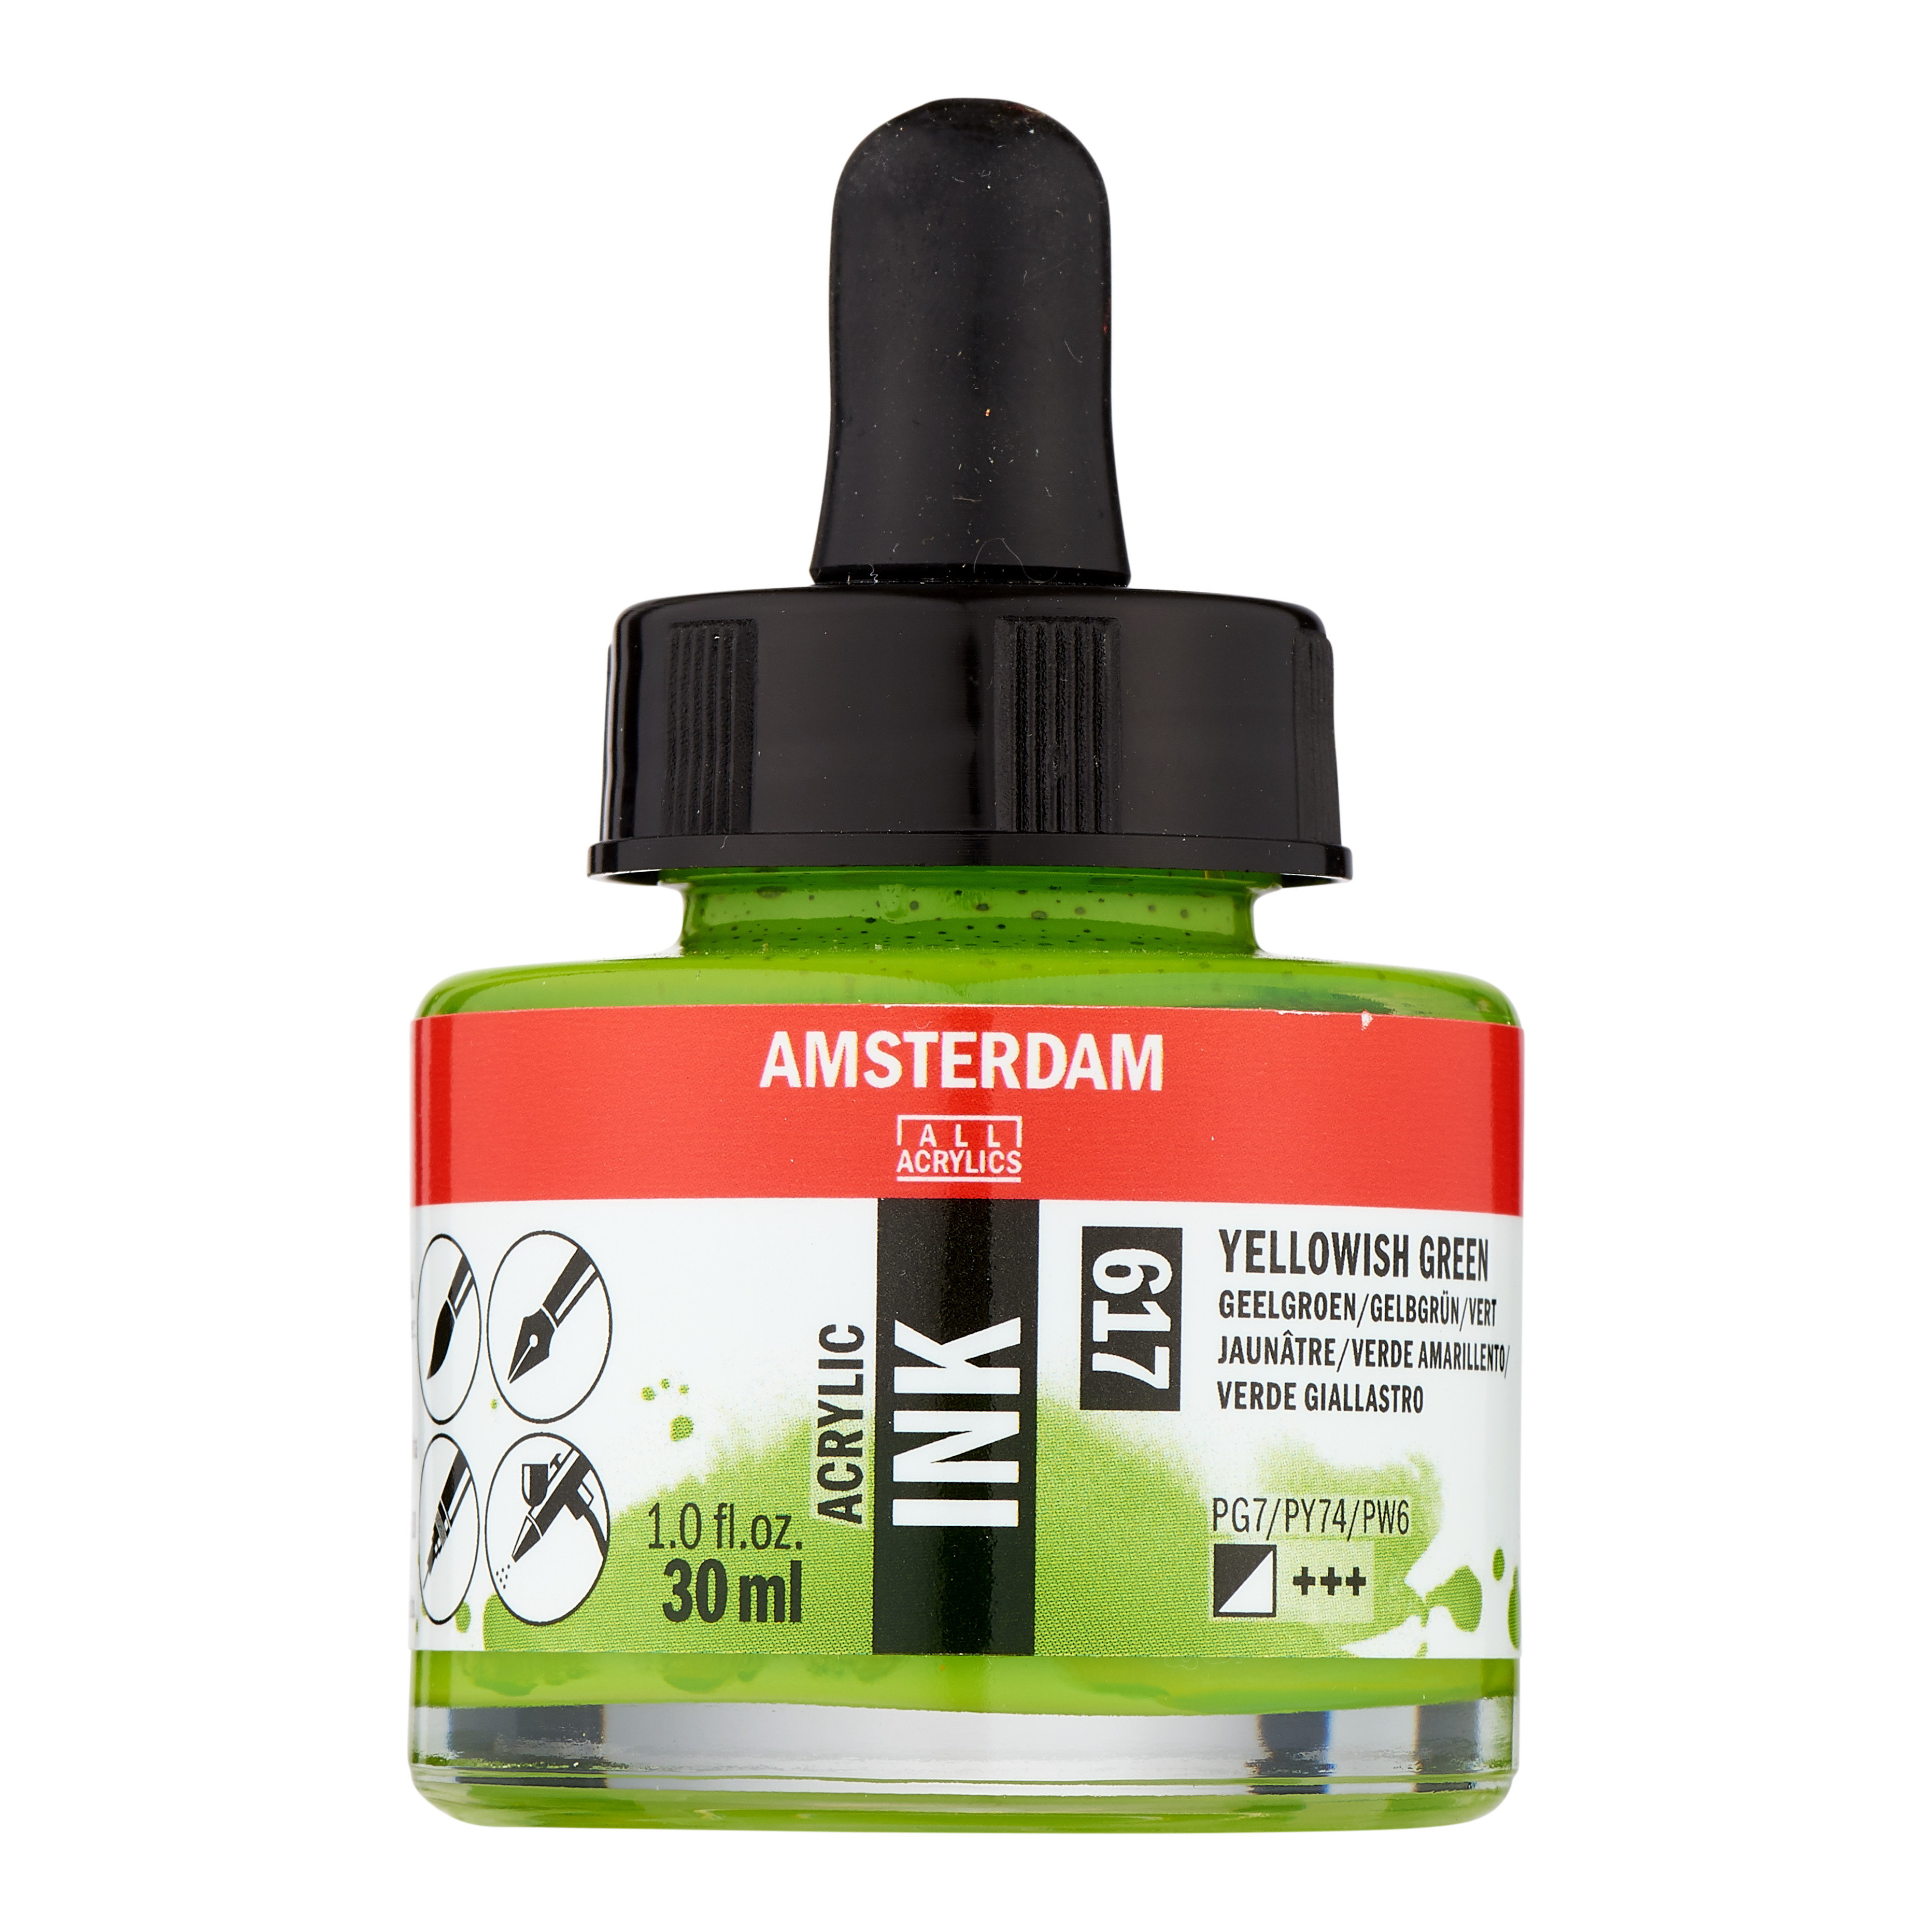 Amsterdam Acrylic Ink Bottle 30 ml Yellowish Green 617